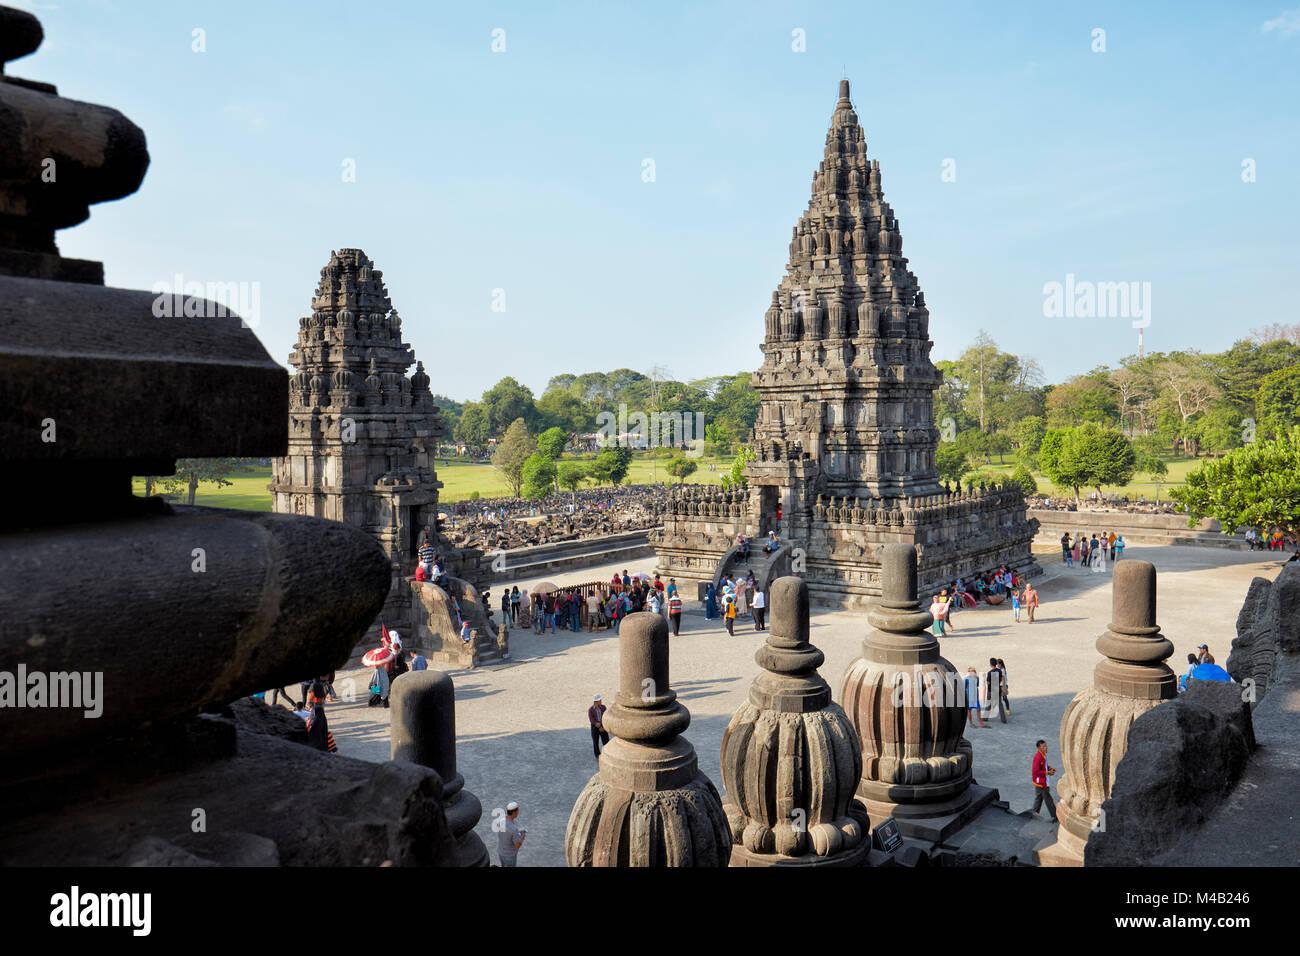 Prambanan tempio indù composto. La regione speciale di Yogyakarta, Java, Indonesia. Immagini Stock